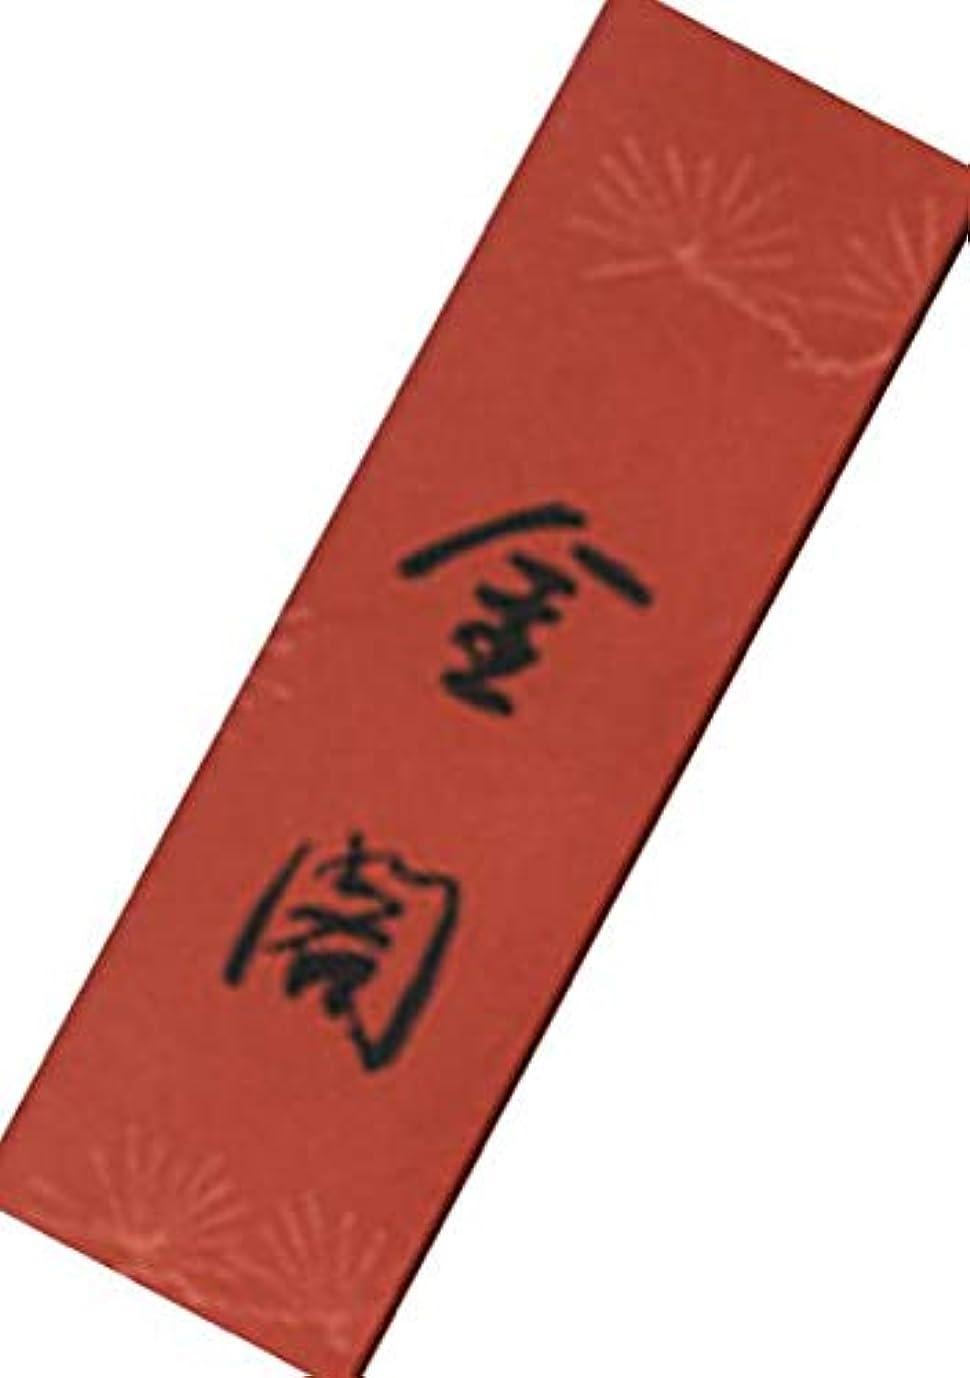 機関車カテゴリー比類のない(1, 35 Stick(s)) - Japanese Incense Sticks Kin-kaku Golden Pavilion (1x35St) Shoyeido